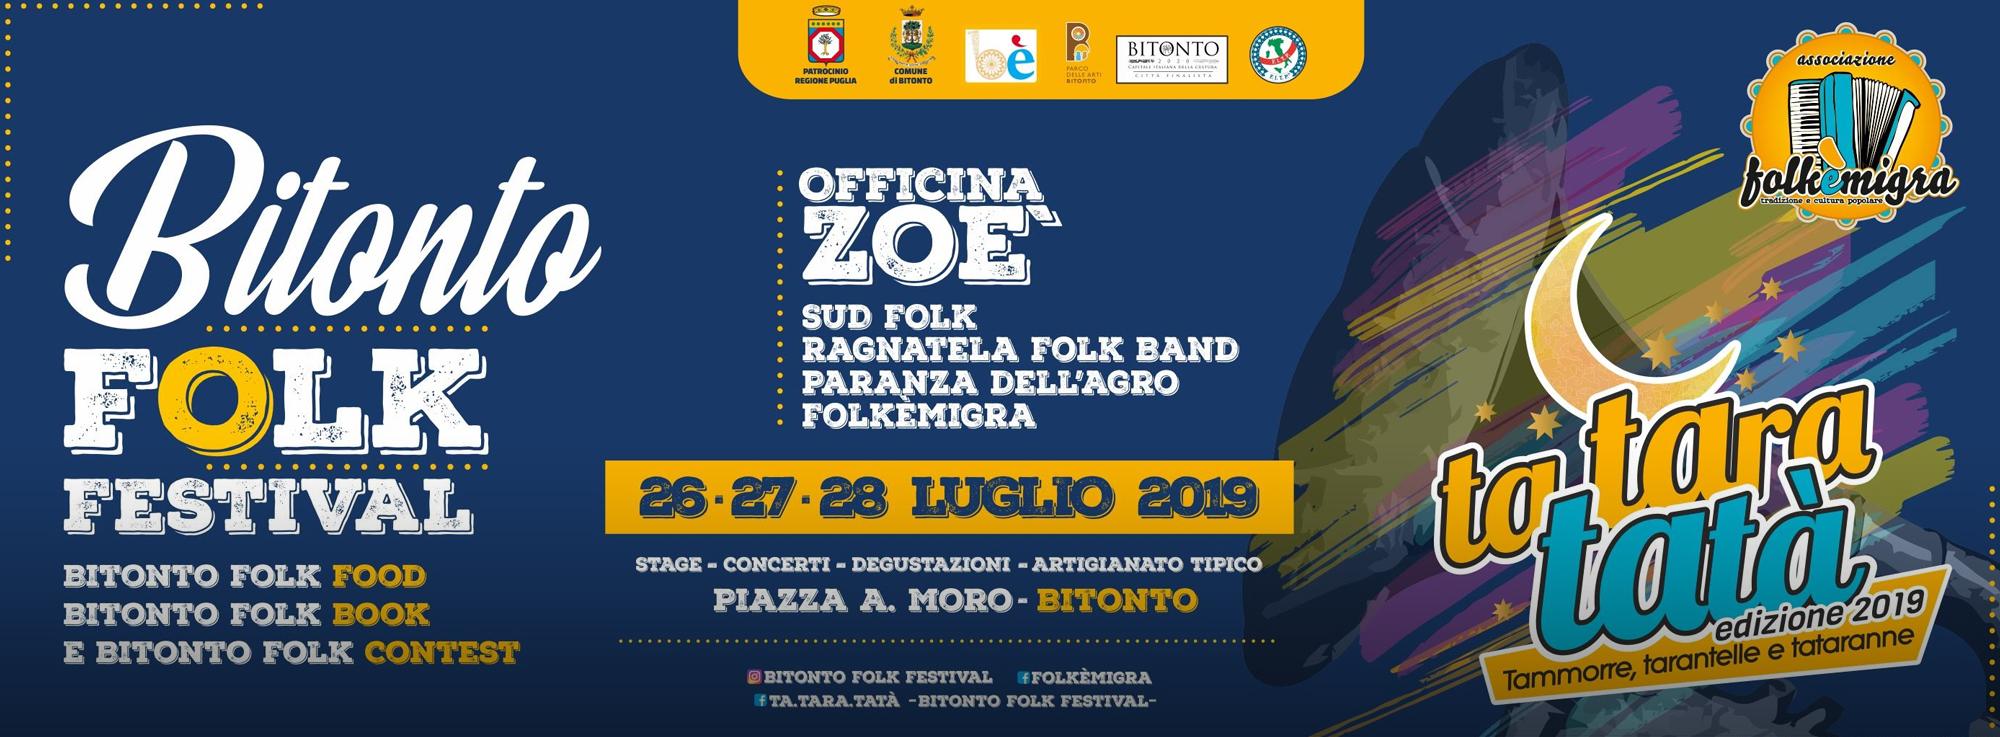 Bitonto: Bitonto Folk Festival